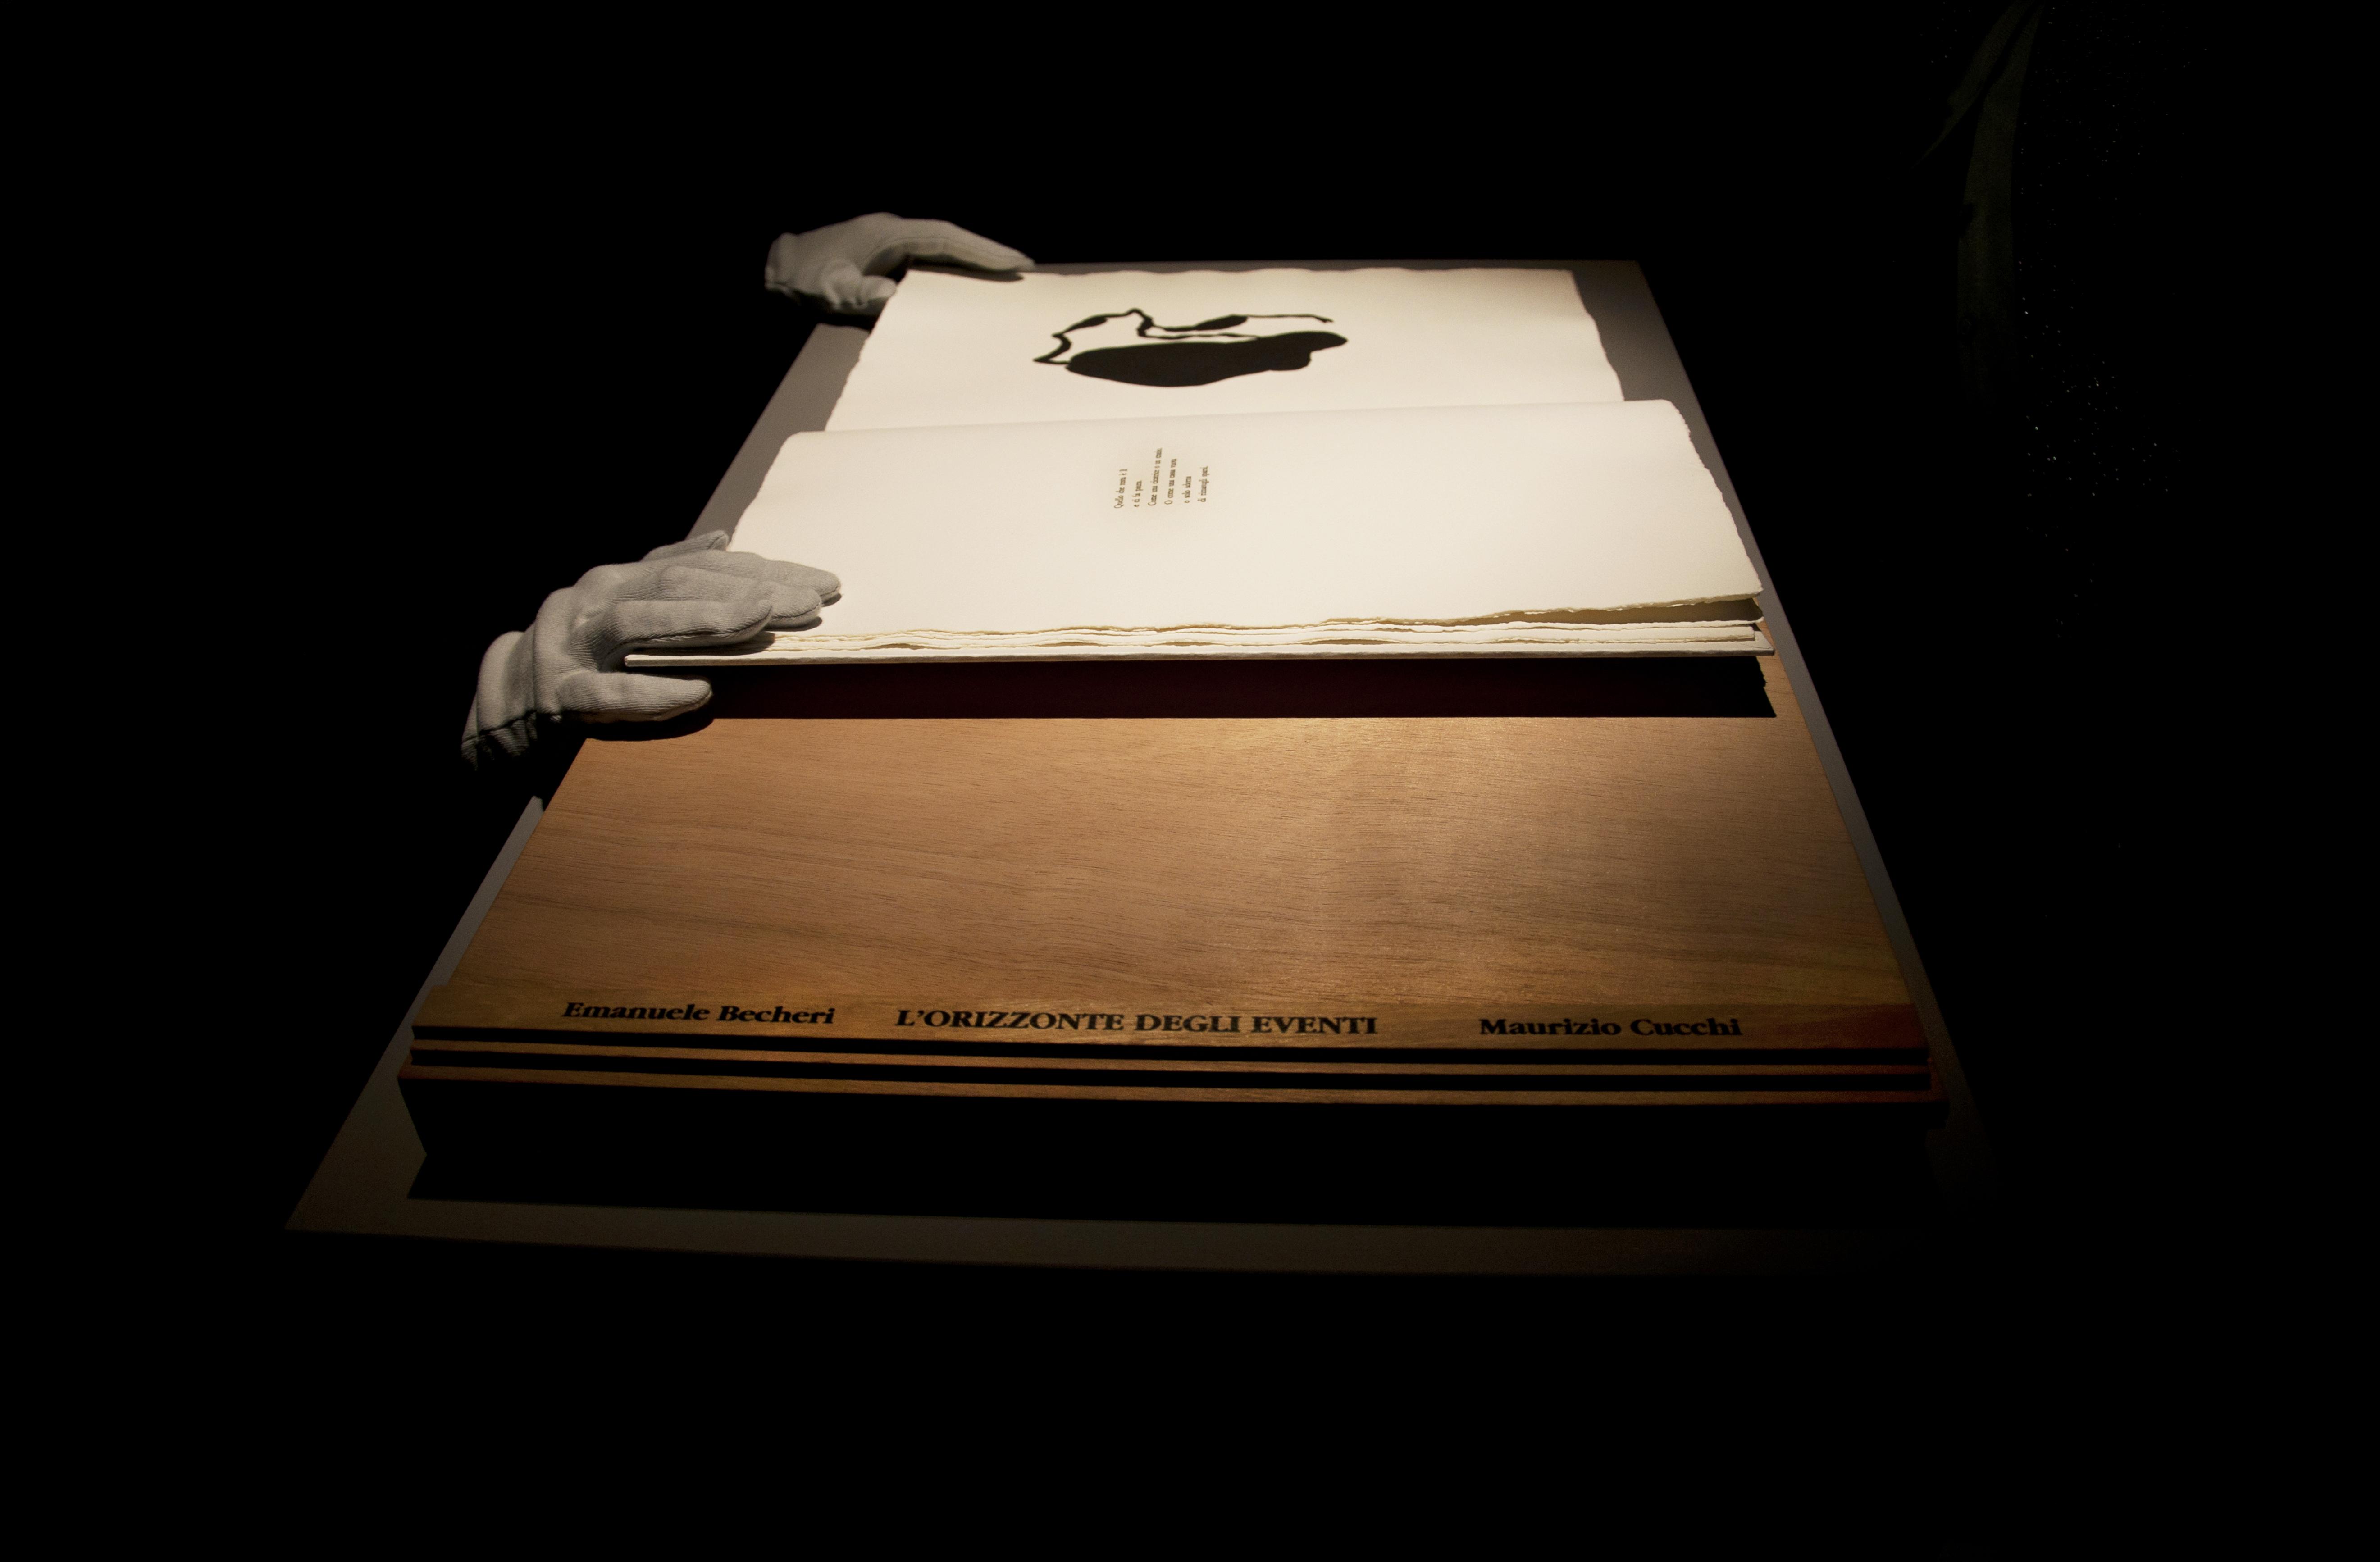 """Emanuele Becheri, L'orizzonte degli eventi, libro d'artista in mostra a """"Preludio"""", Artforms, Prato"""